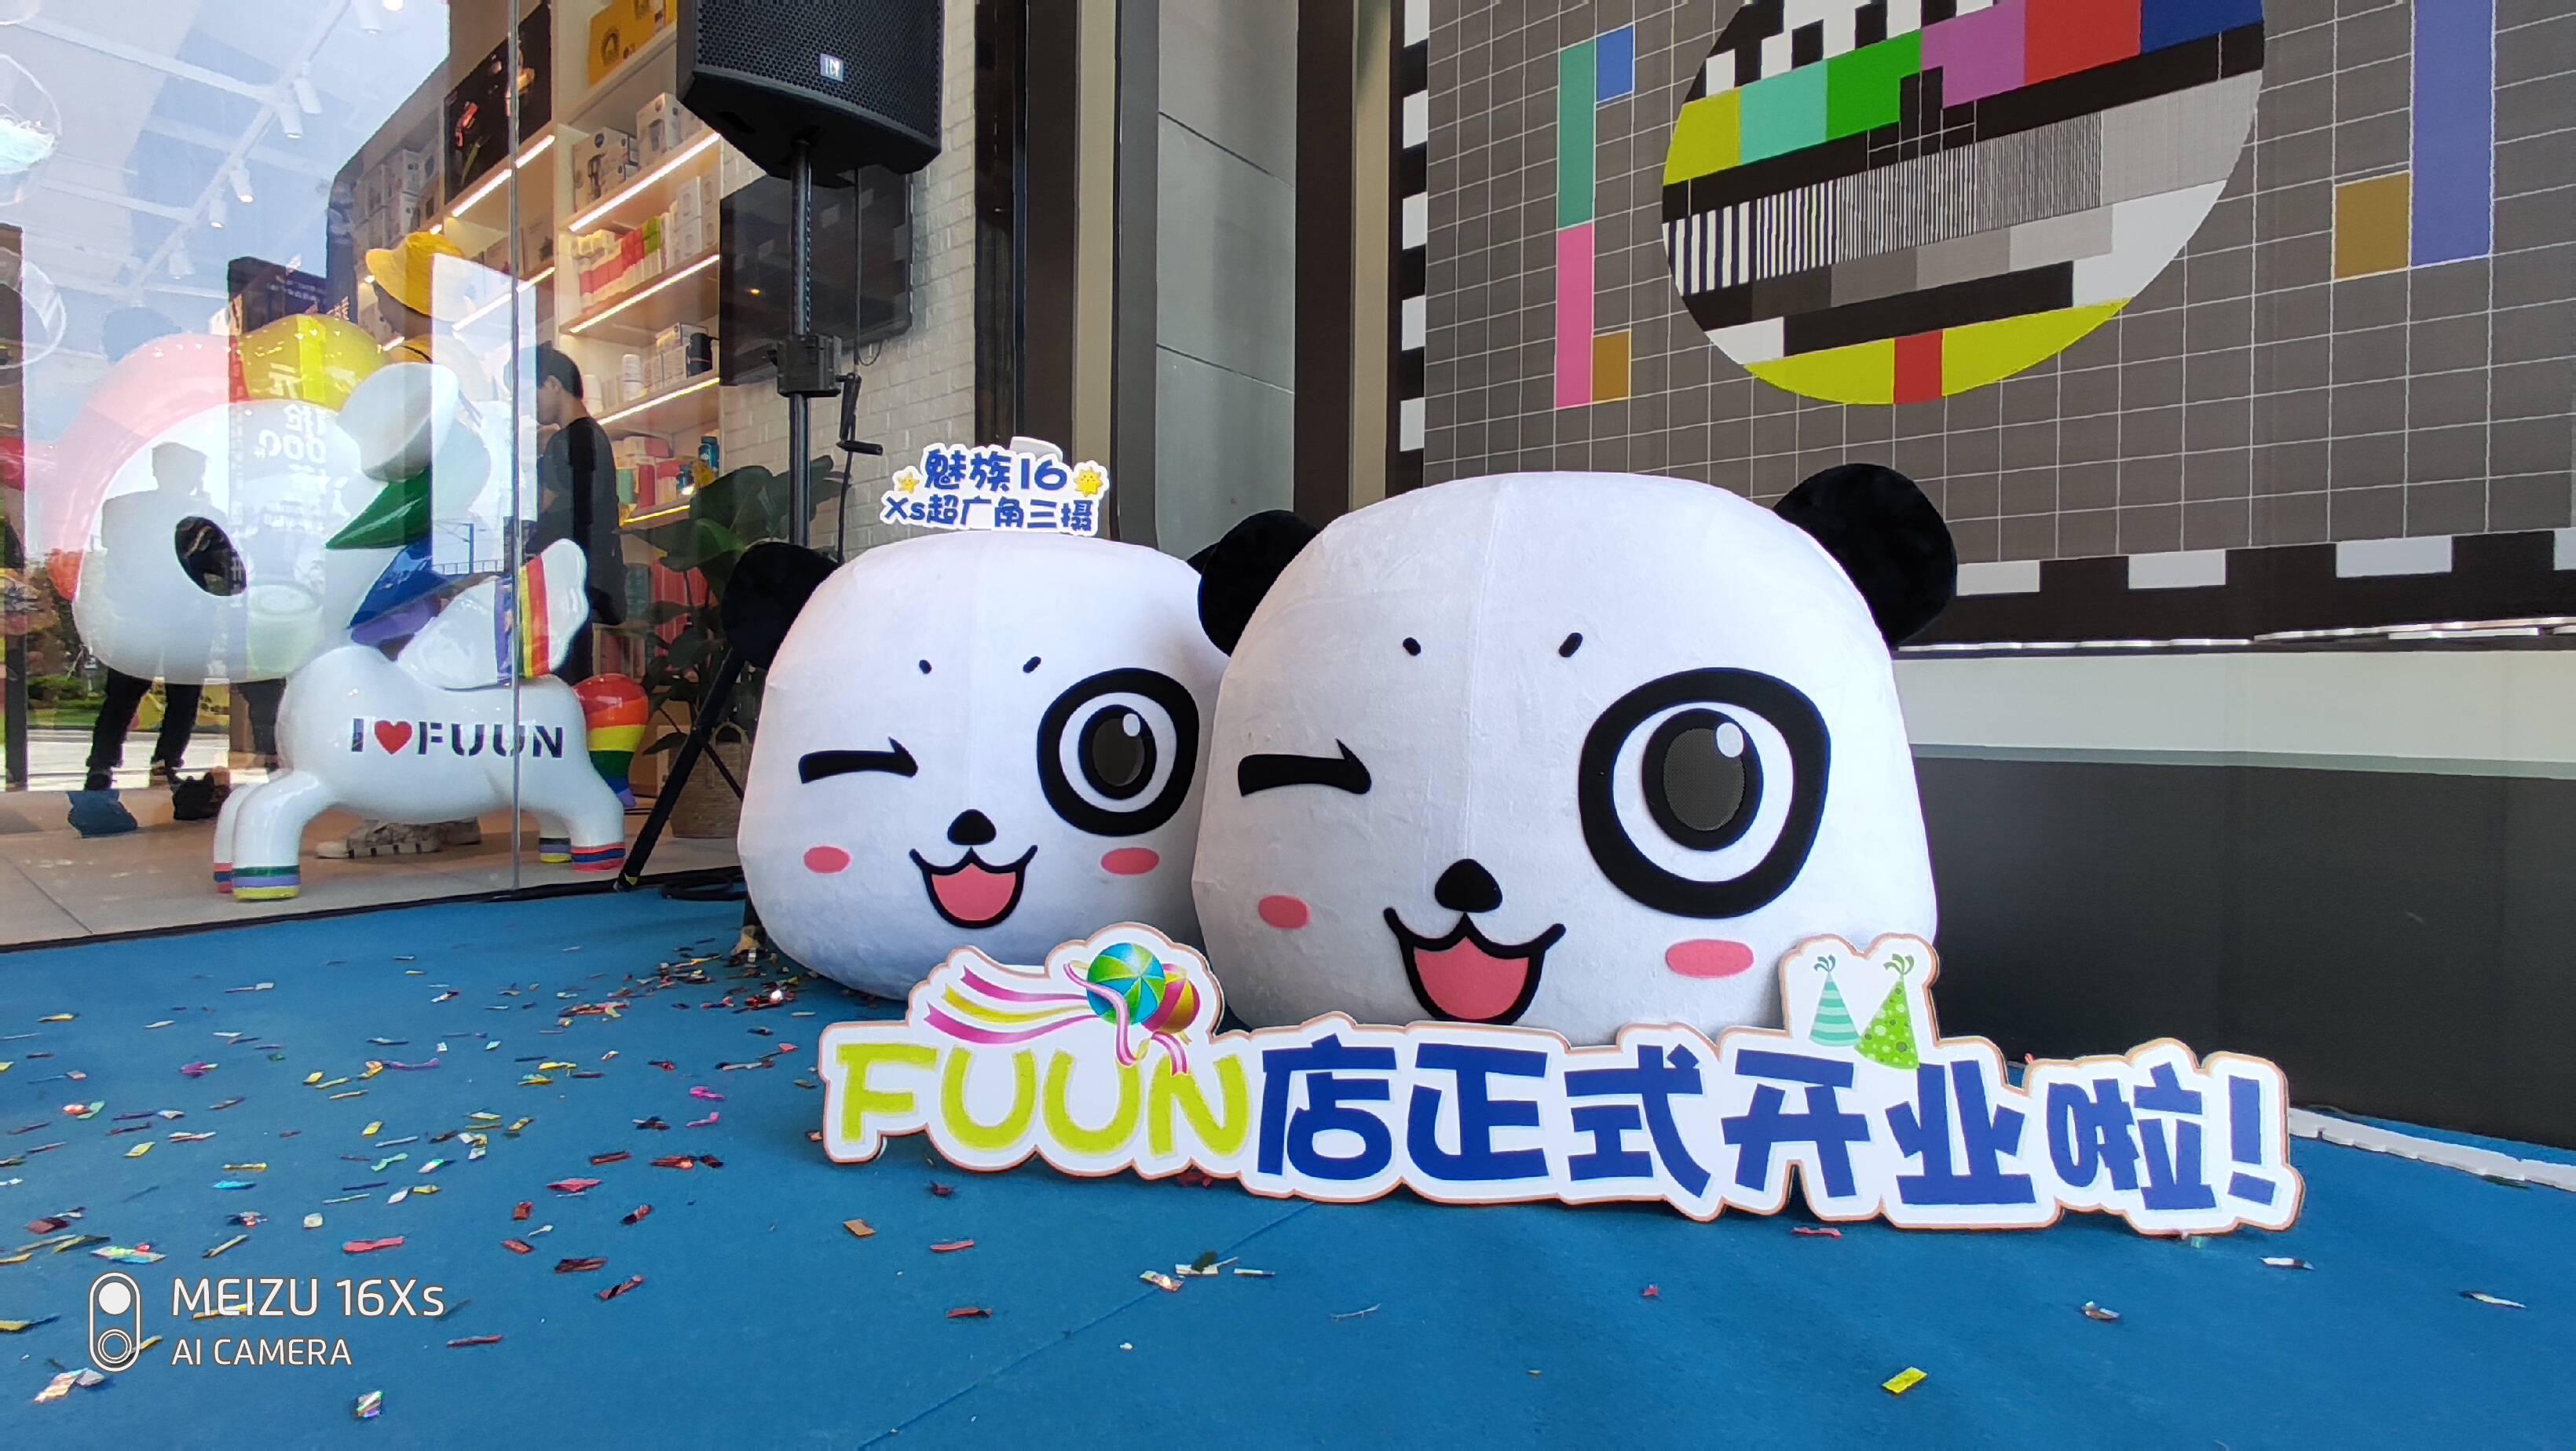 珠海でMeizu関連アクセサリーや雑貨を扱うFUUNをオープン、世界初のHoleless Phone「Meizu Zero」を展示